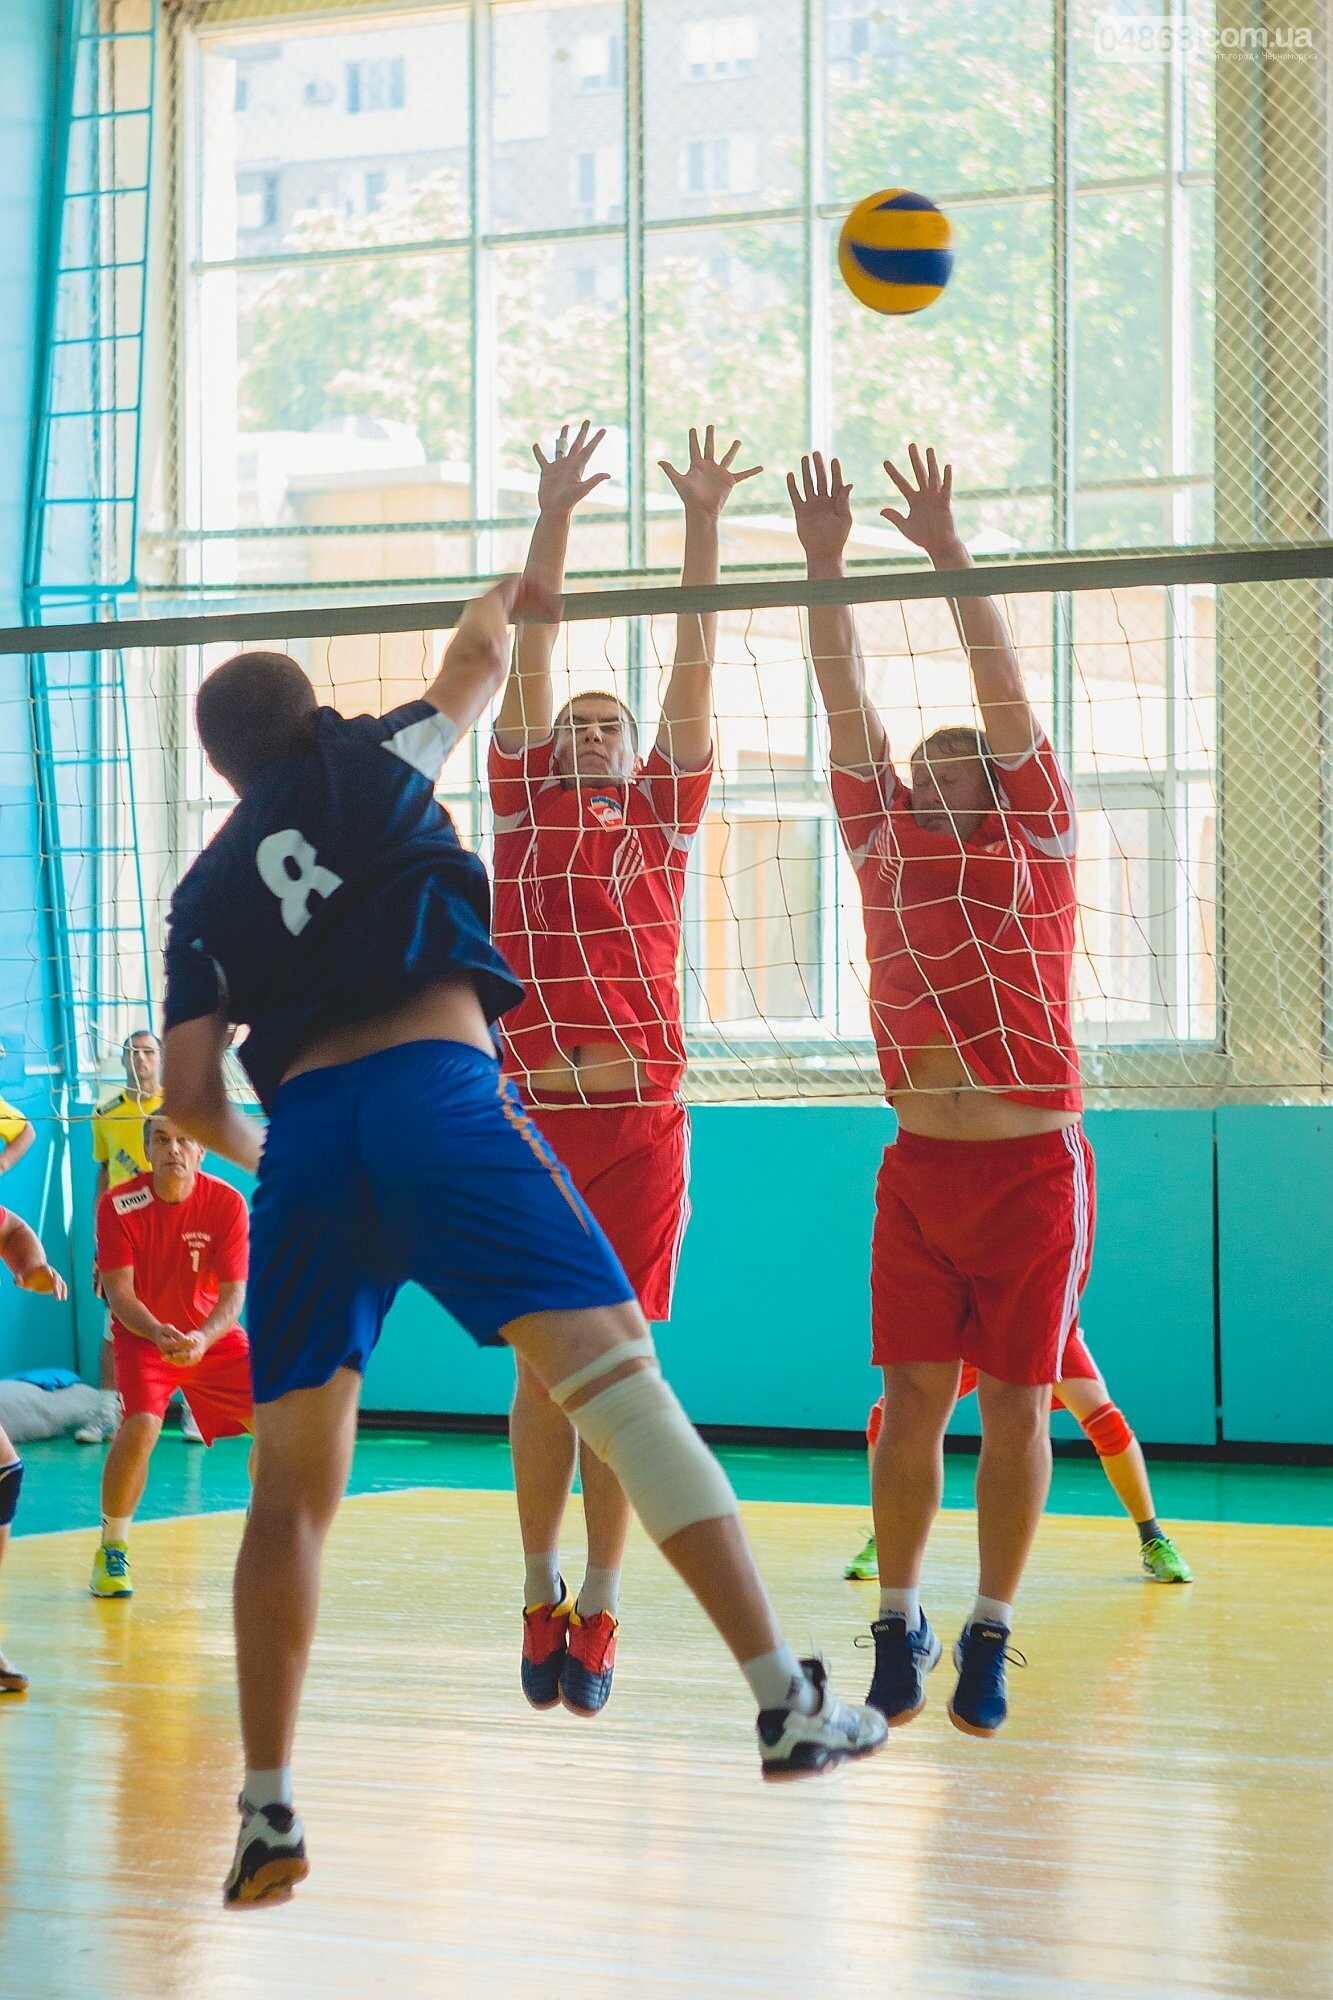 Сборная Одесской области обыграла сборную Харьковской в депутатской спартакиаде по волейболу, фото-11